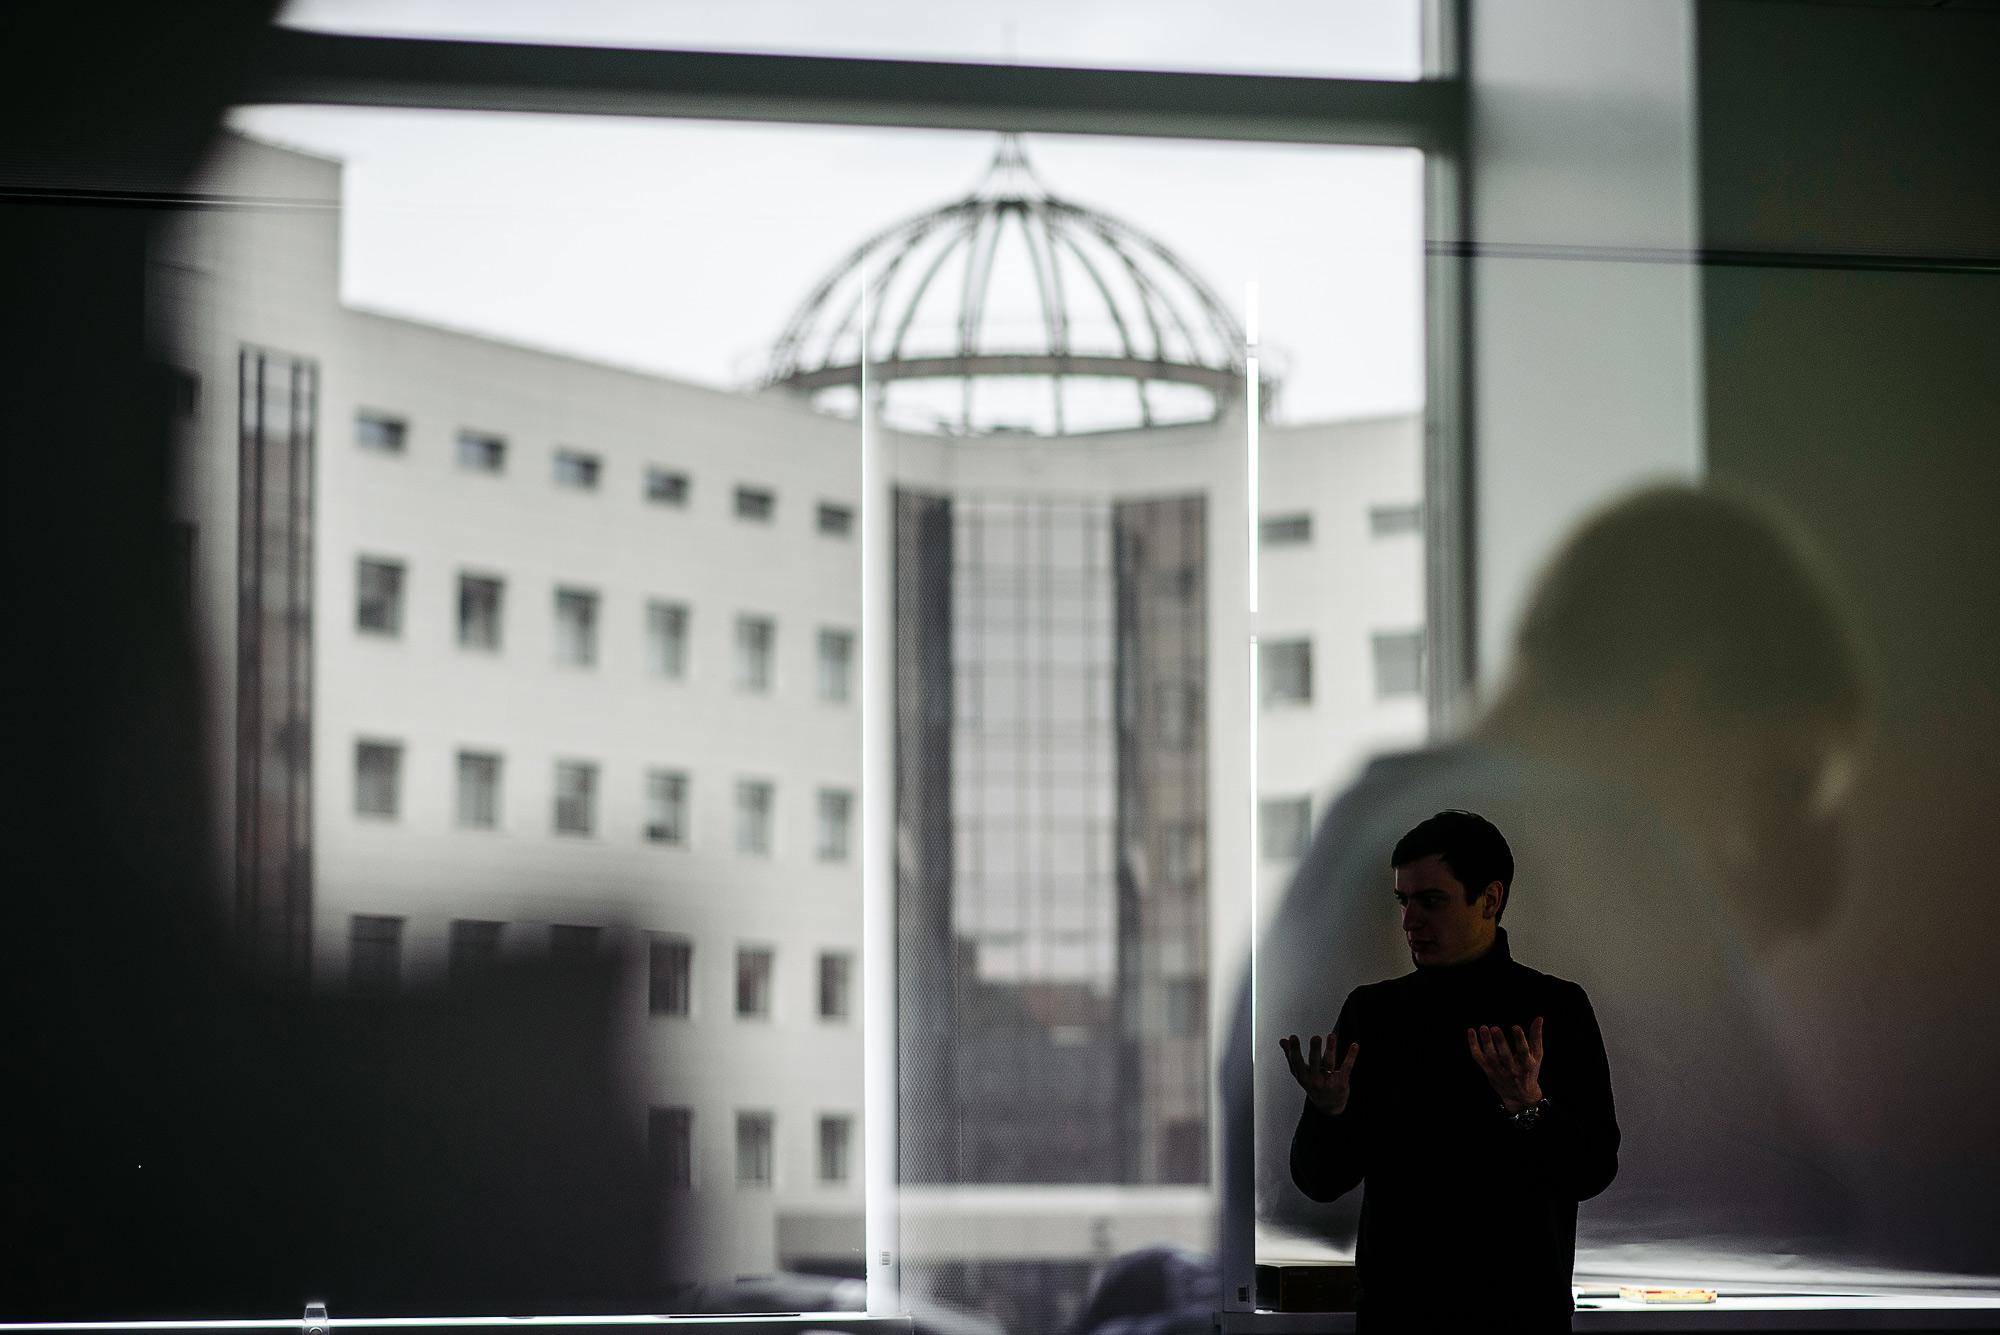 НГУ вошел в рейтинг лучших вузов мира ARWU